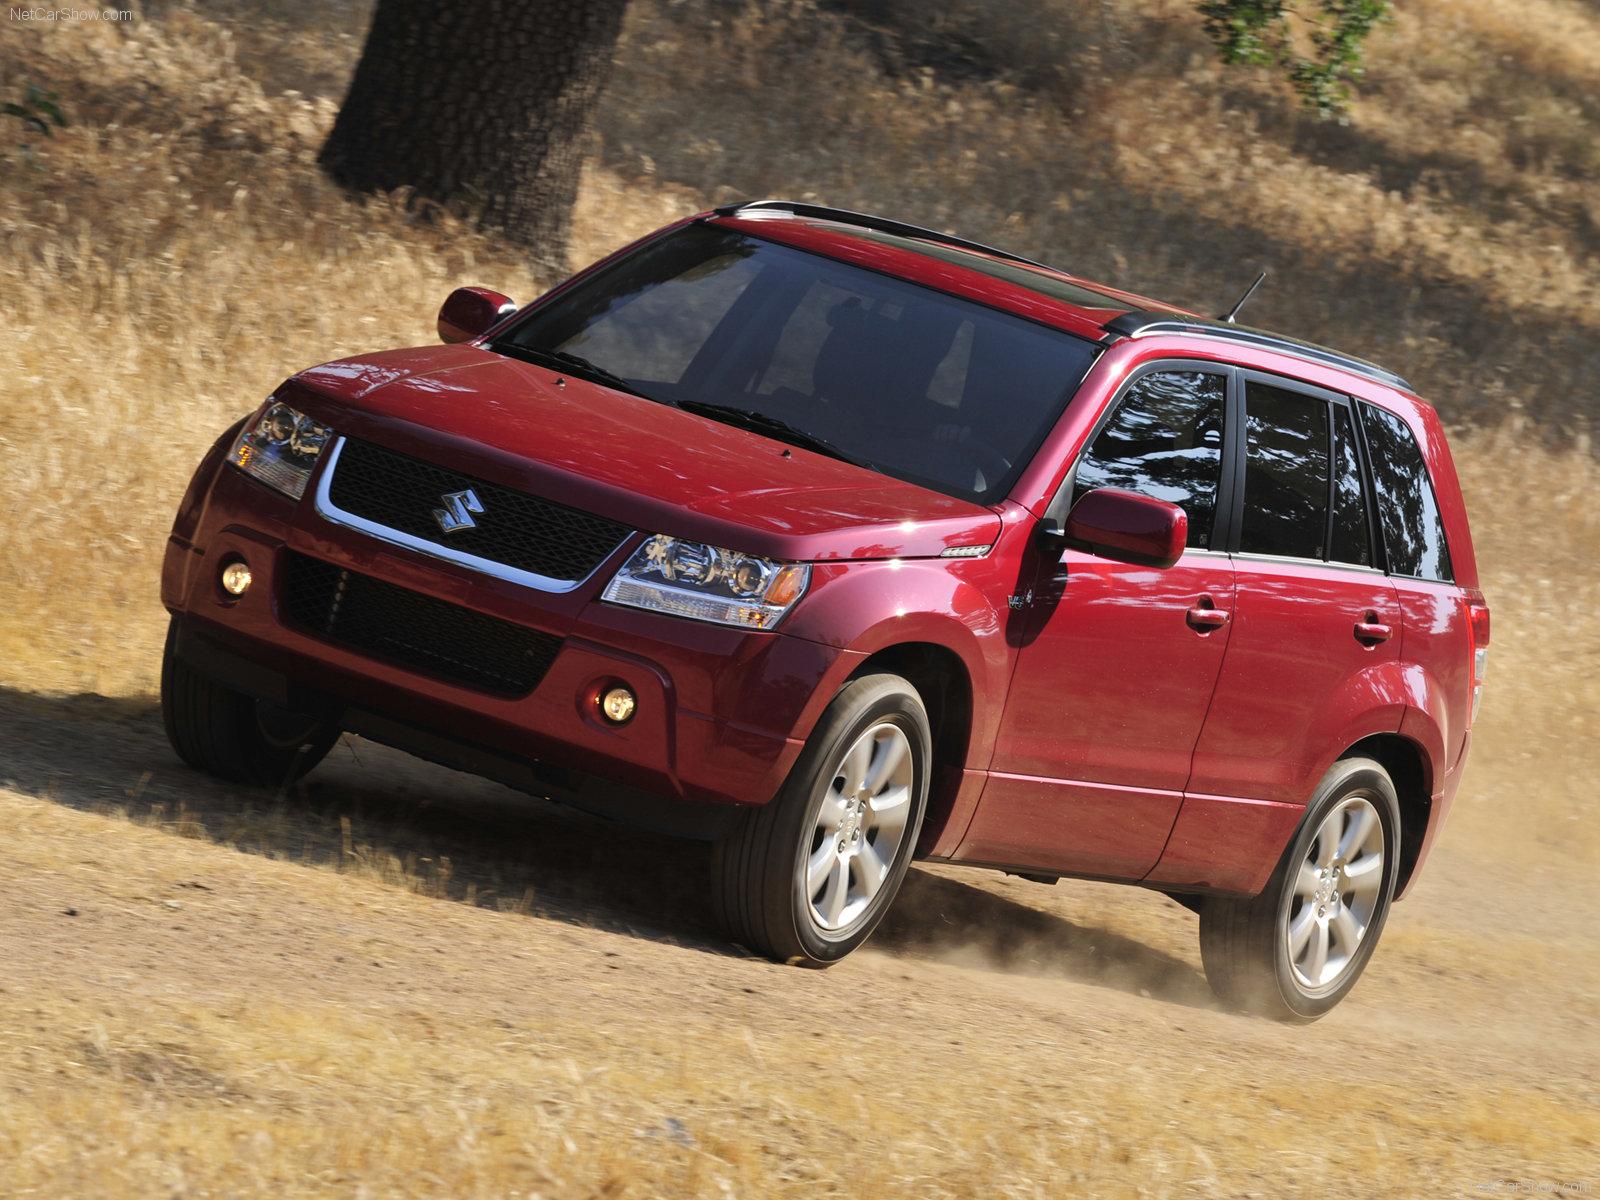 Hình ảnh xe ô tô Suzuki Grand Vitara 2009 & nội ngoại thất